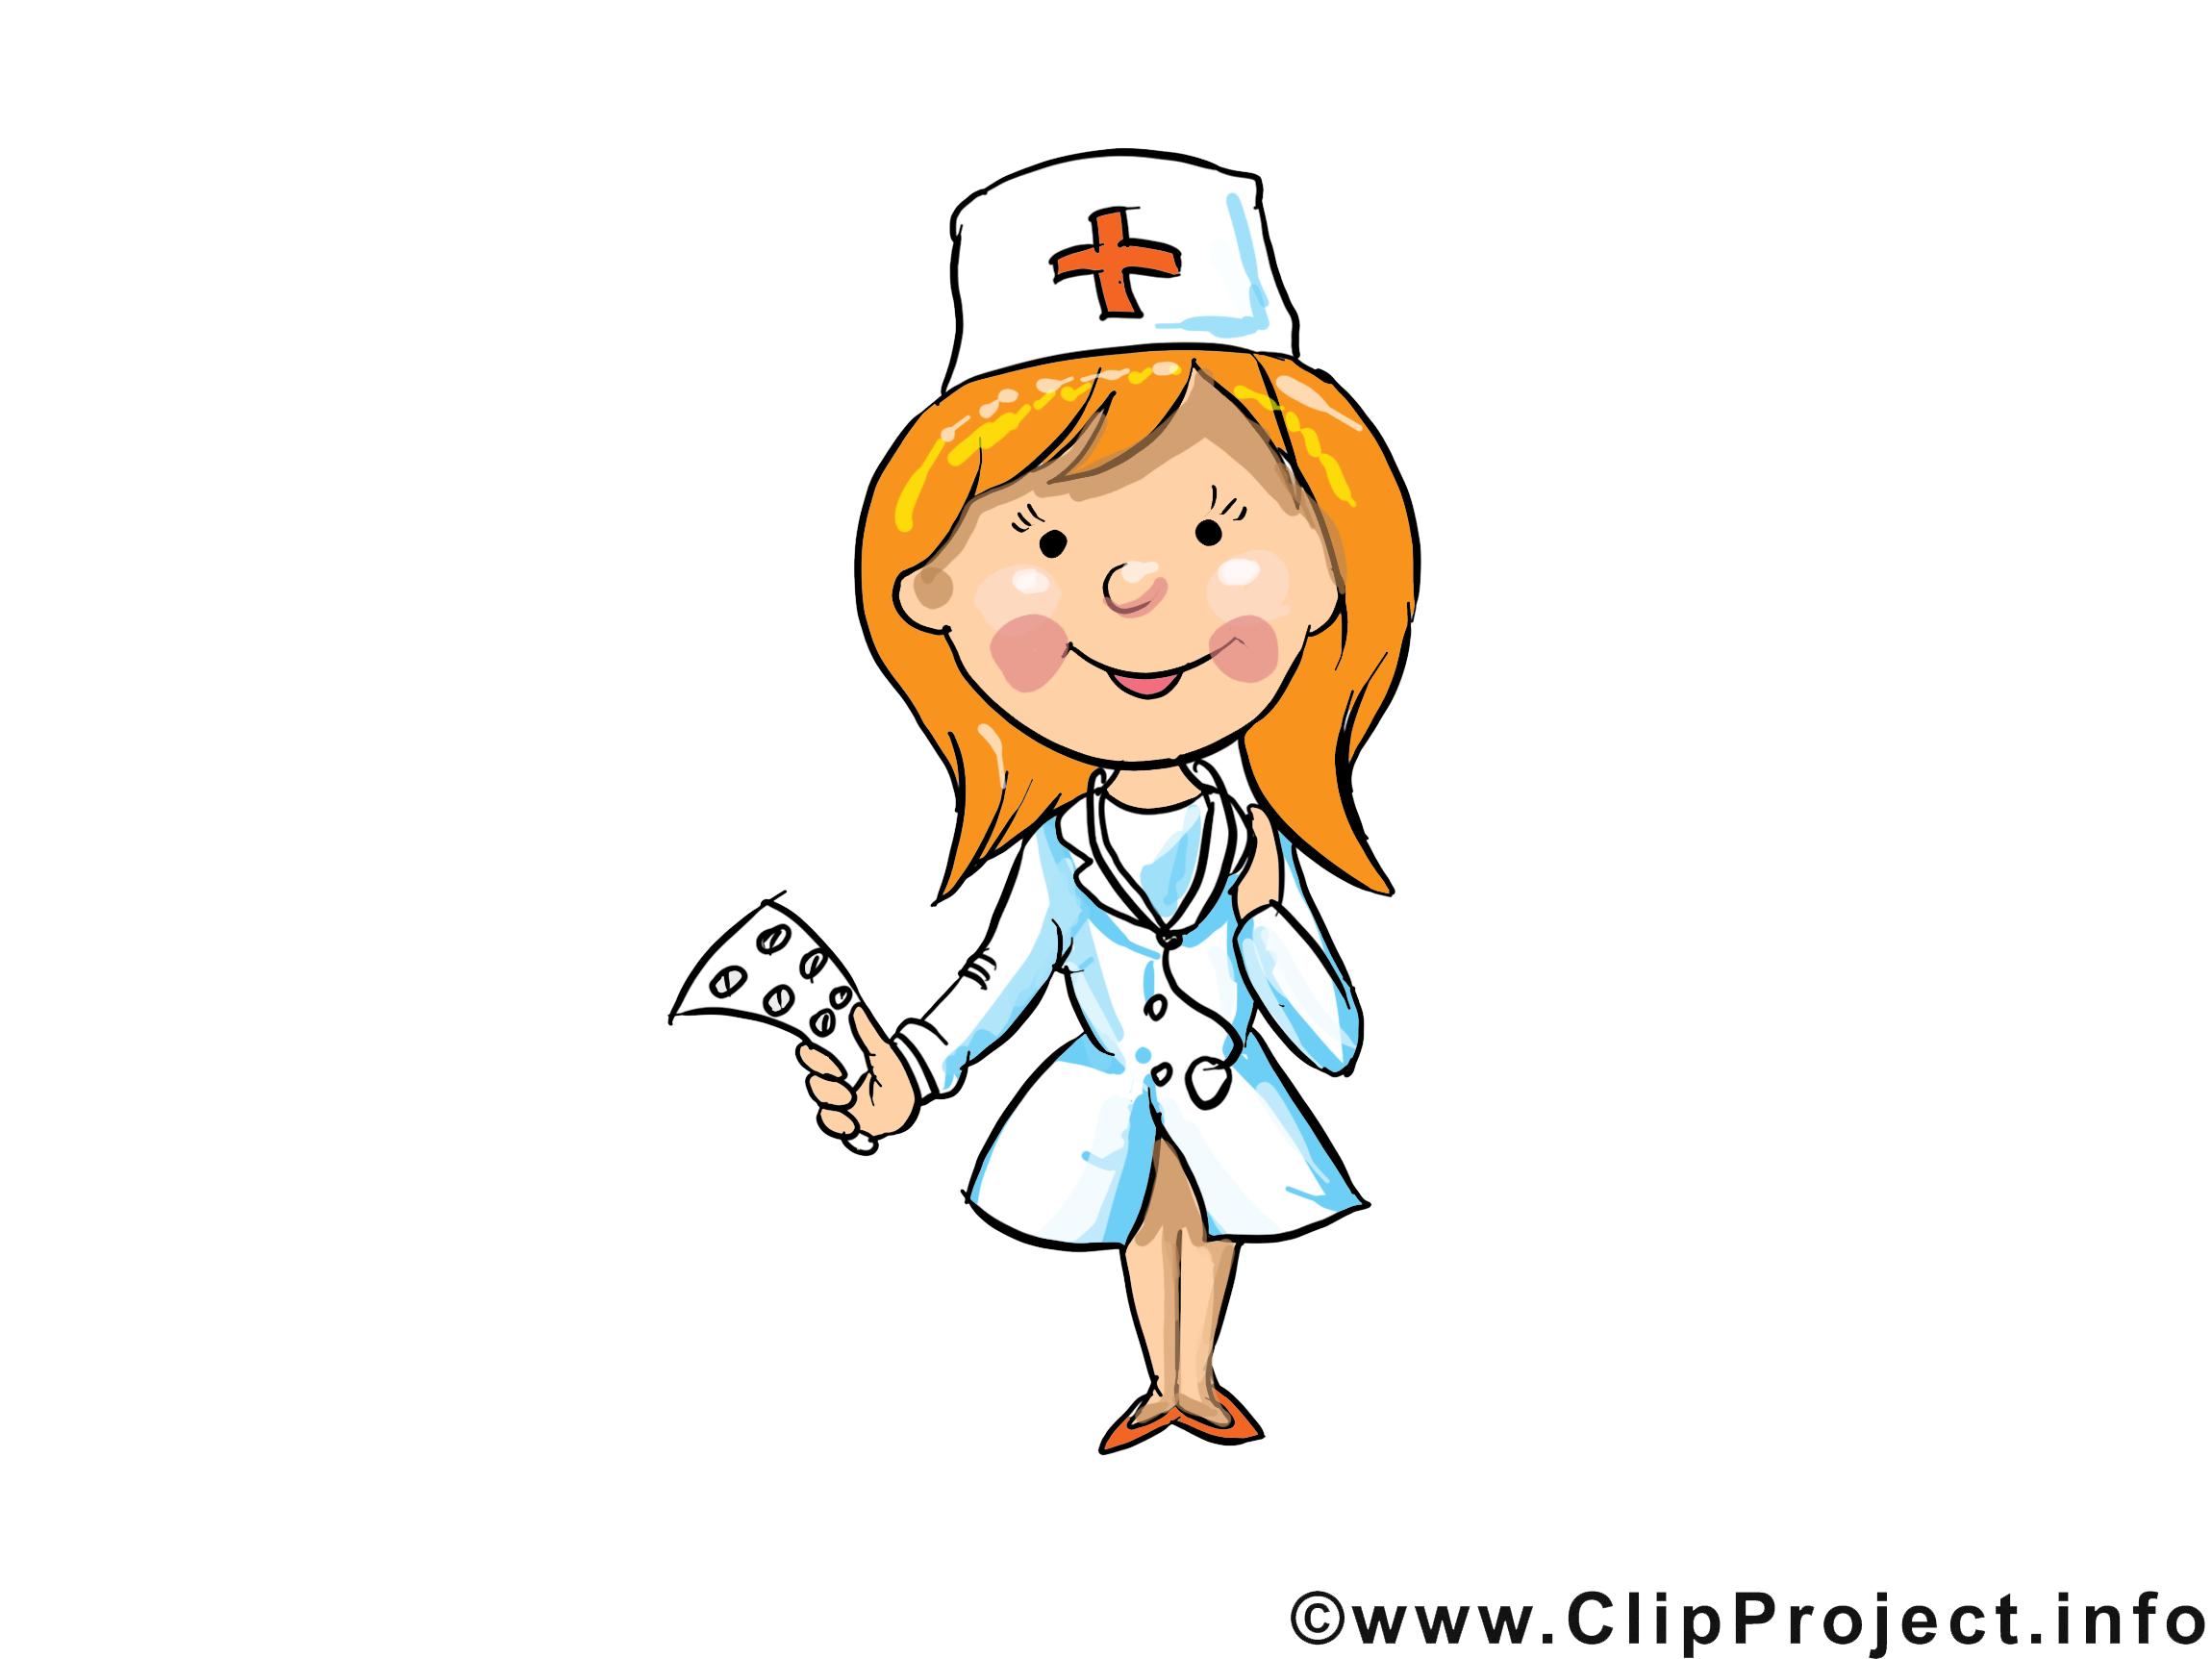 Infirmiere Clip Arts Gratuits Metier Illustrations Profession Dessin Picture Image Graphic Clip Art Telecharger Gratuit